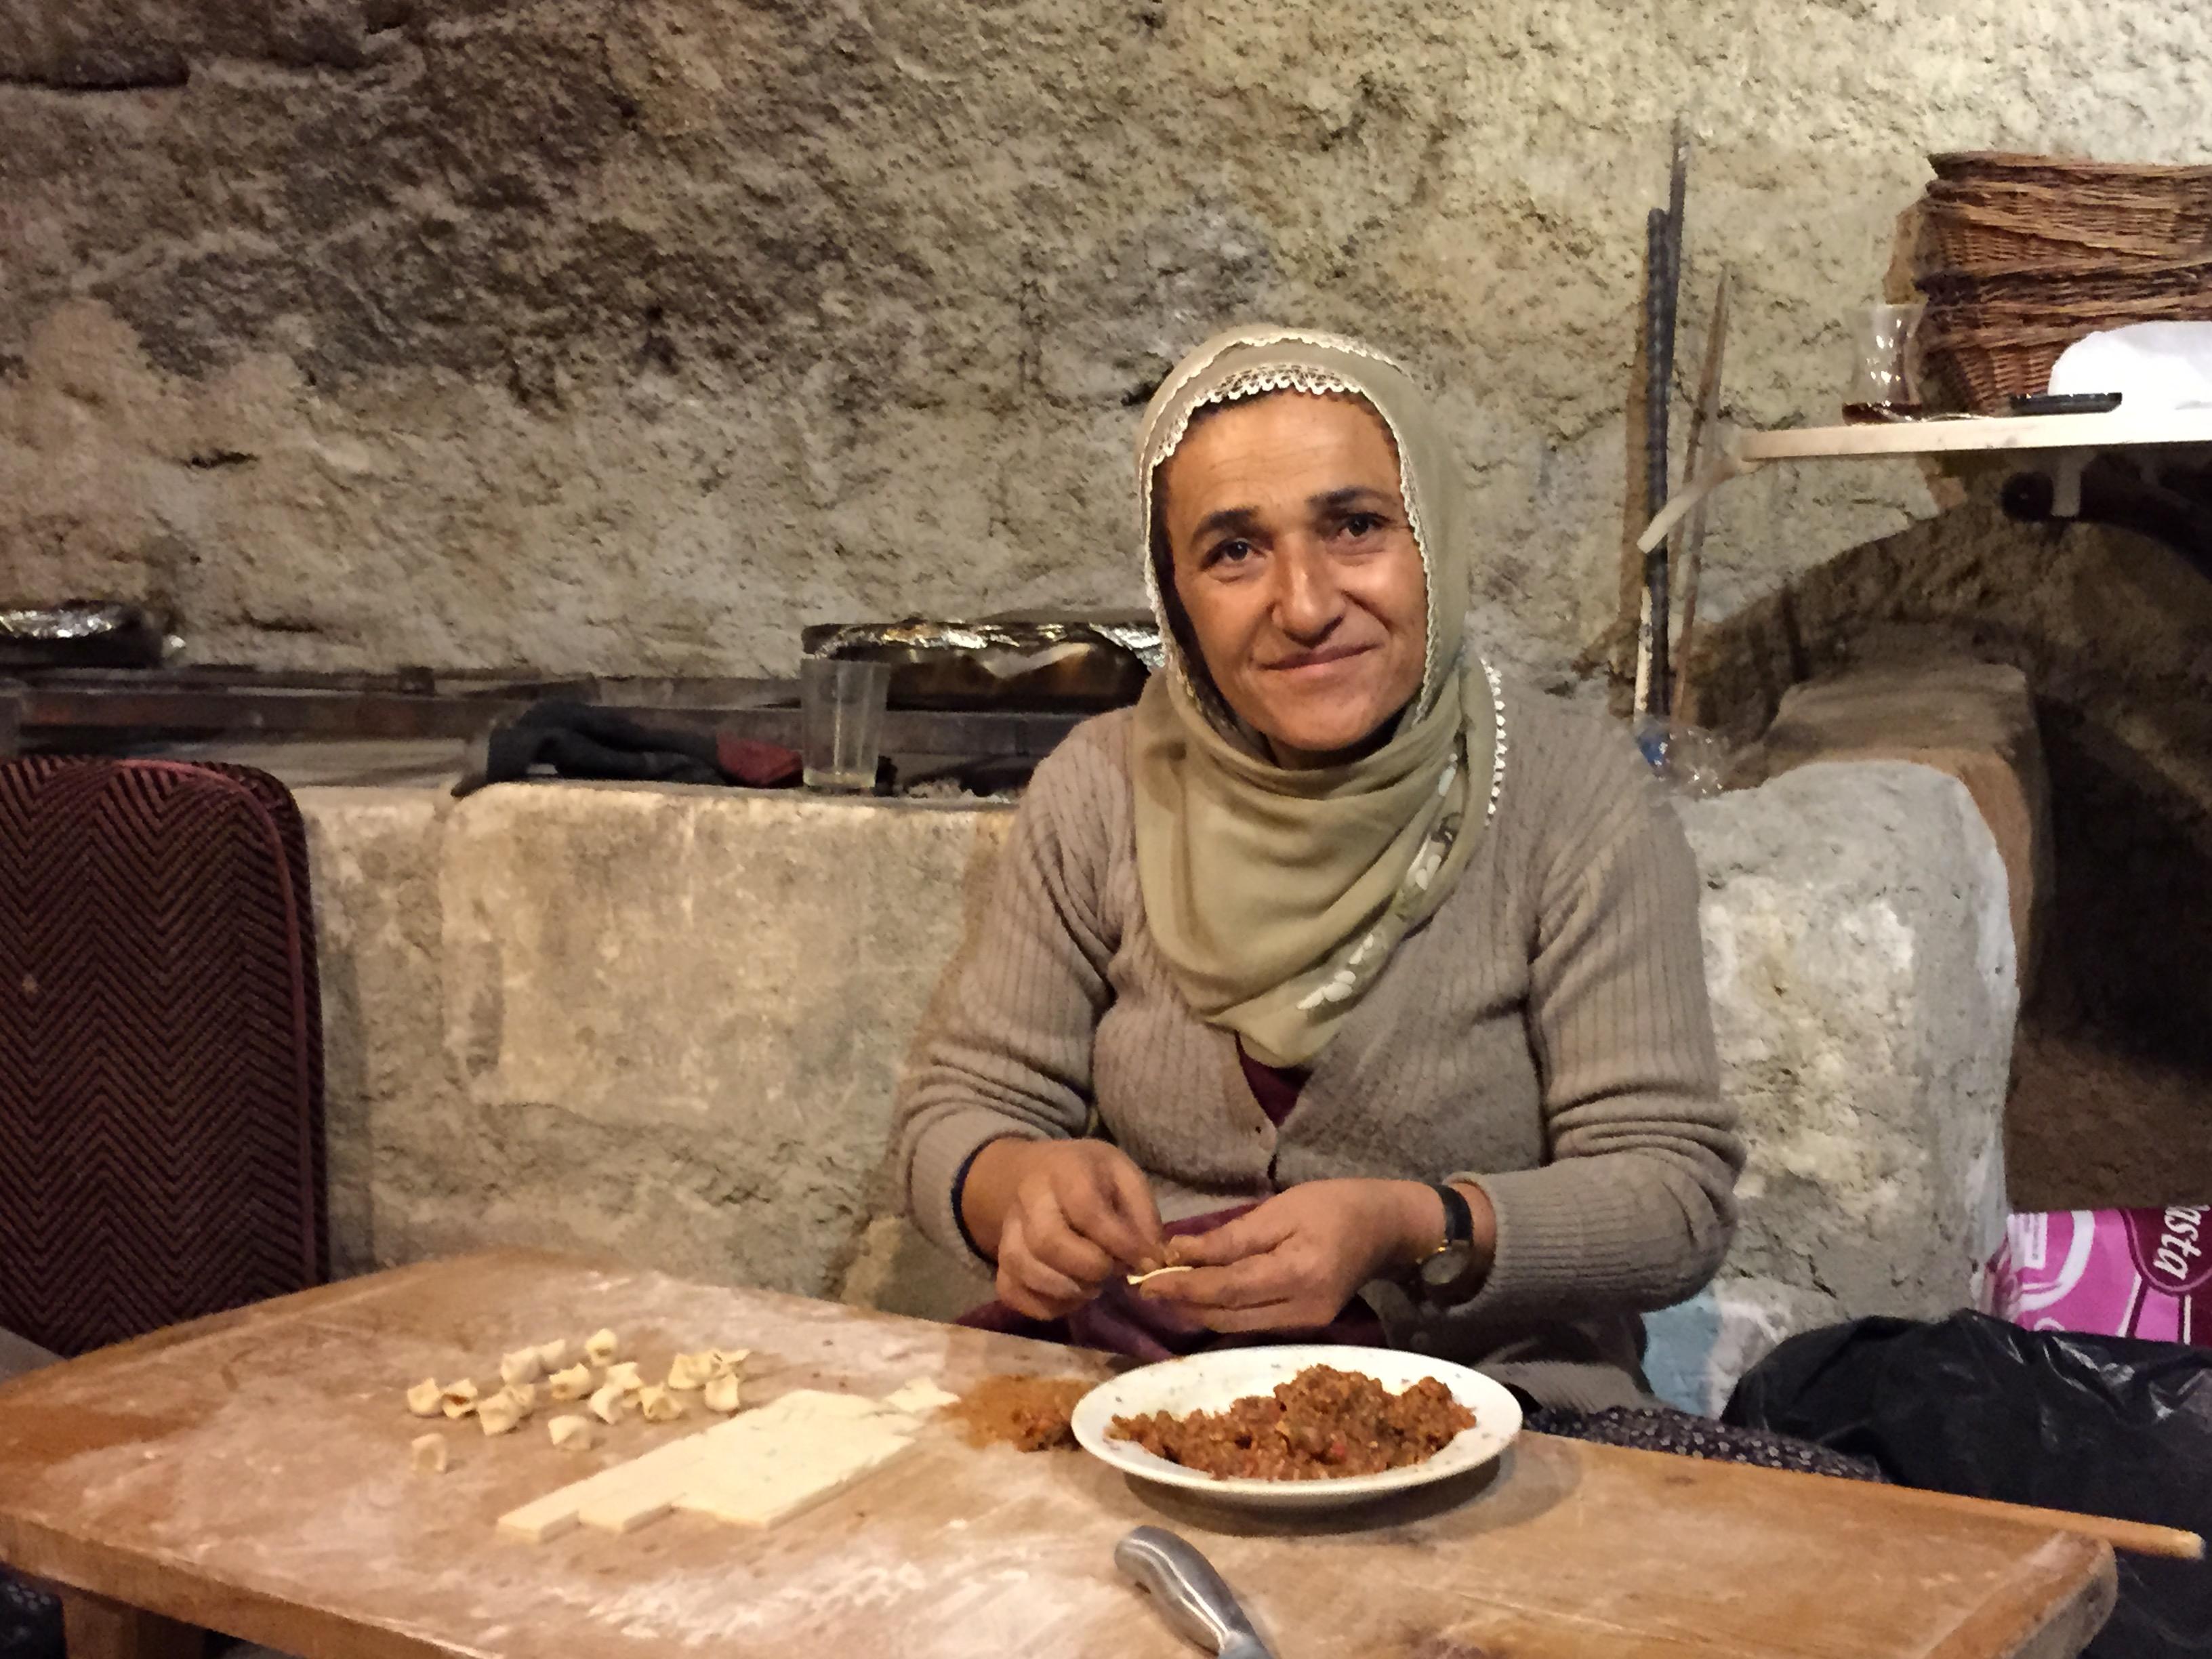 マントゥ(トルコ風ラビオリ)の準備をするトルコの女性